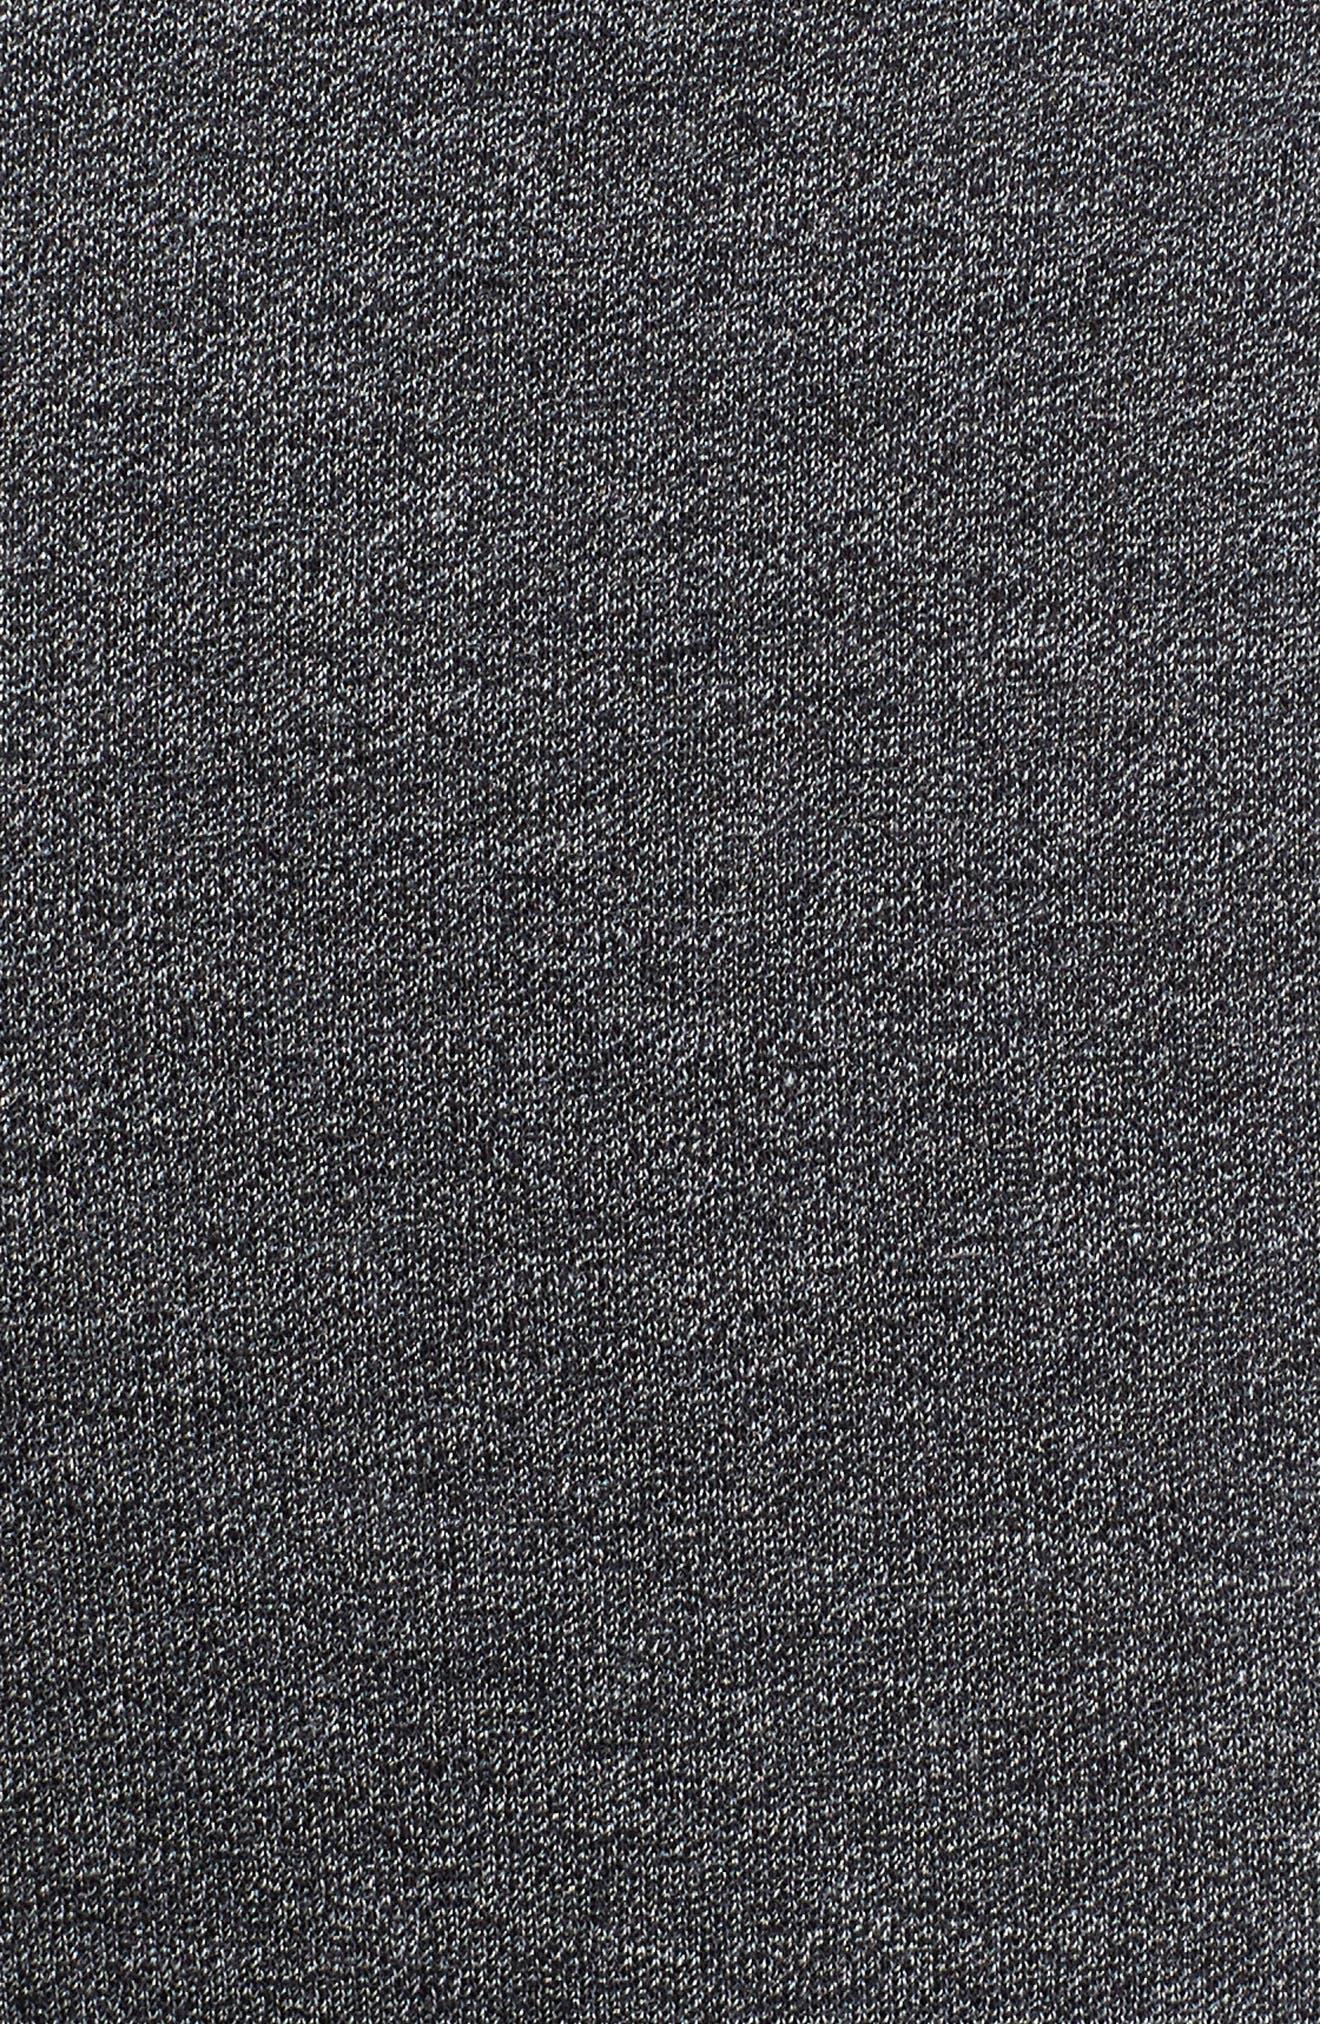 Heritage Jogger Pants,                             Alternate thumbnail 5, color,                             BLACK/ HEATHER/ SAIL